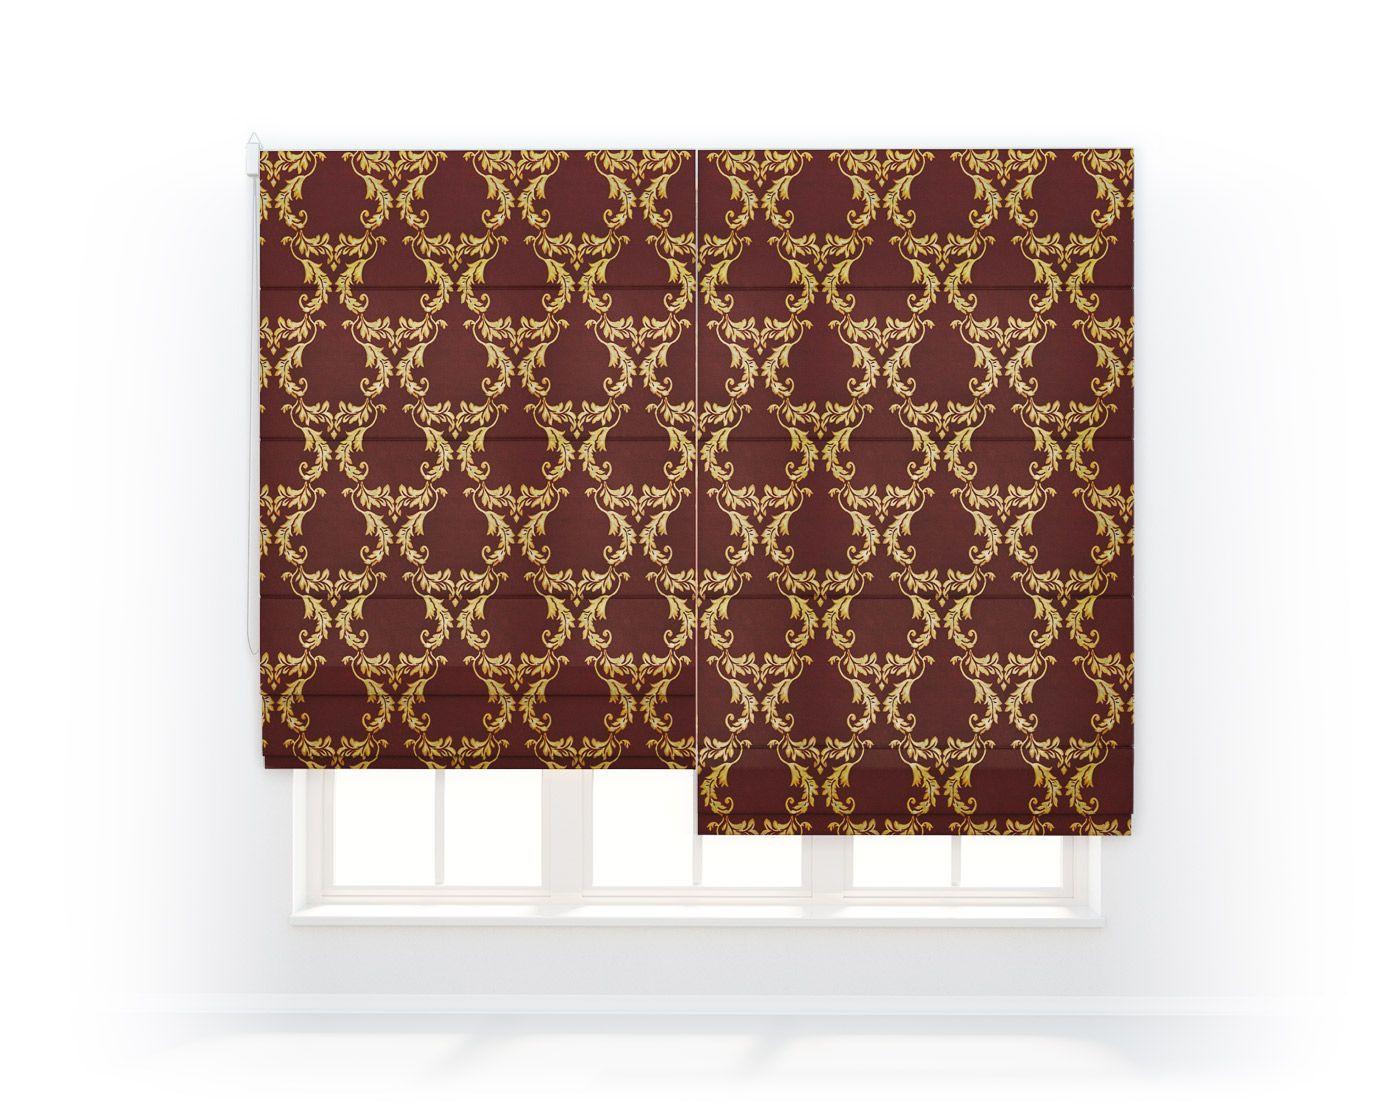 Римские шторы Louis D'or, 2375/30